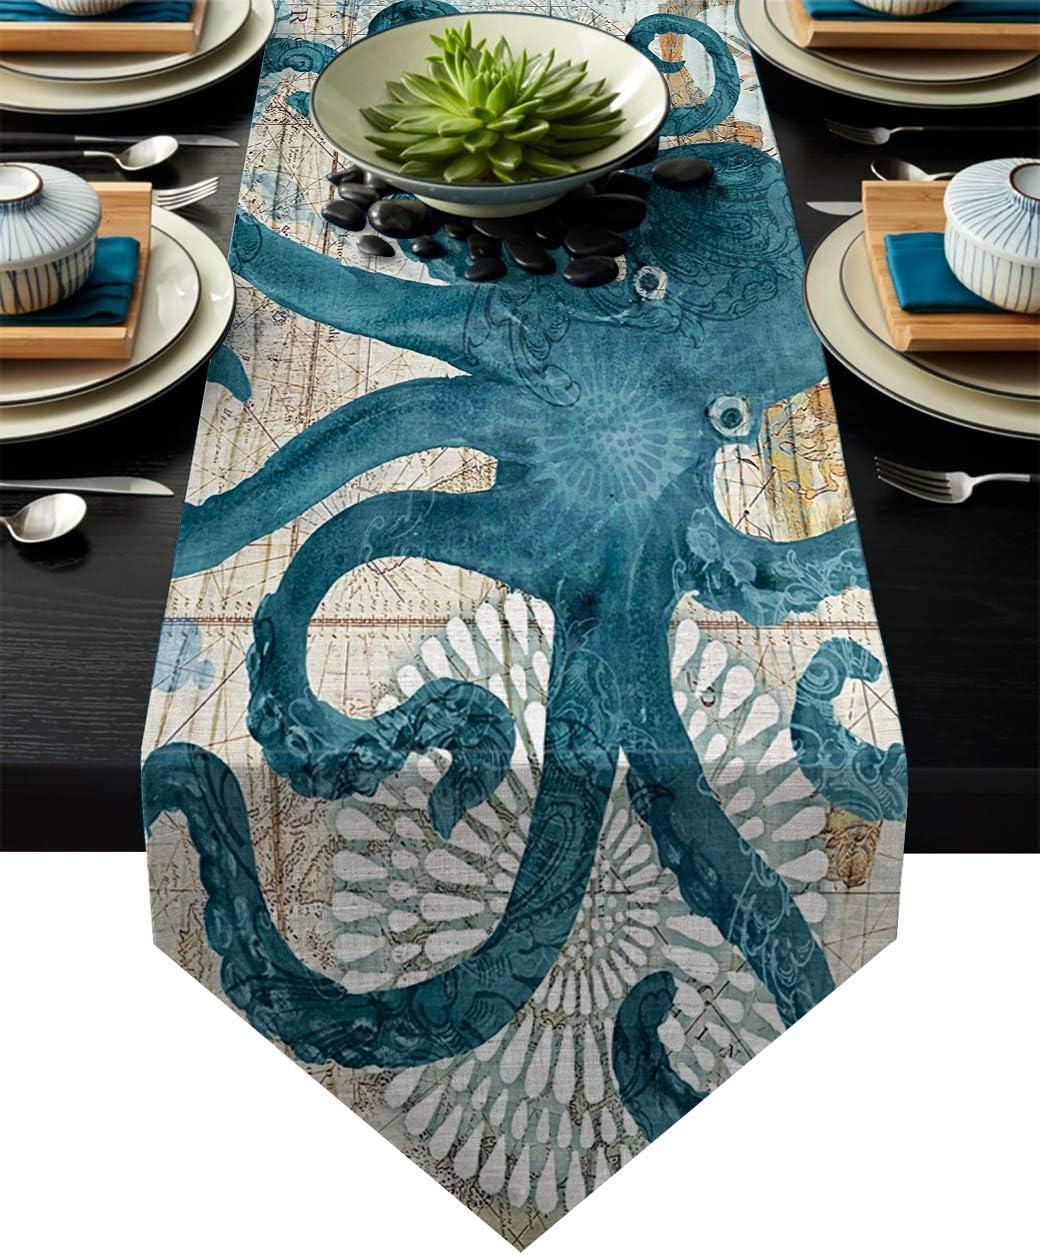 """Vandarllin Cotton Linen Table Runner Dresser Scarves Octopus Ocean Animal Nautical Themed&Retro Non-Slip Burlap Table Setting Decor for Wedding Party Holiday Dinner Home (14""""x72"""")"""